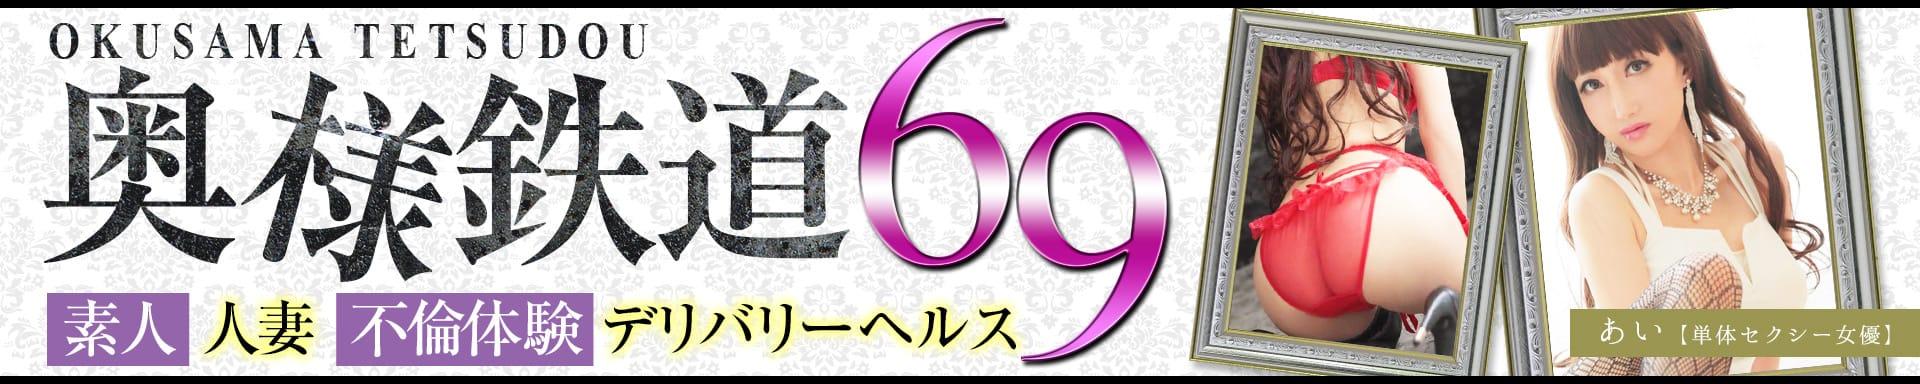 奥様鉄道69 福山店 その2